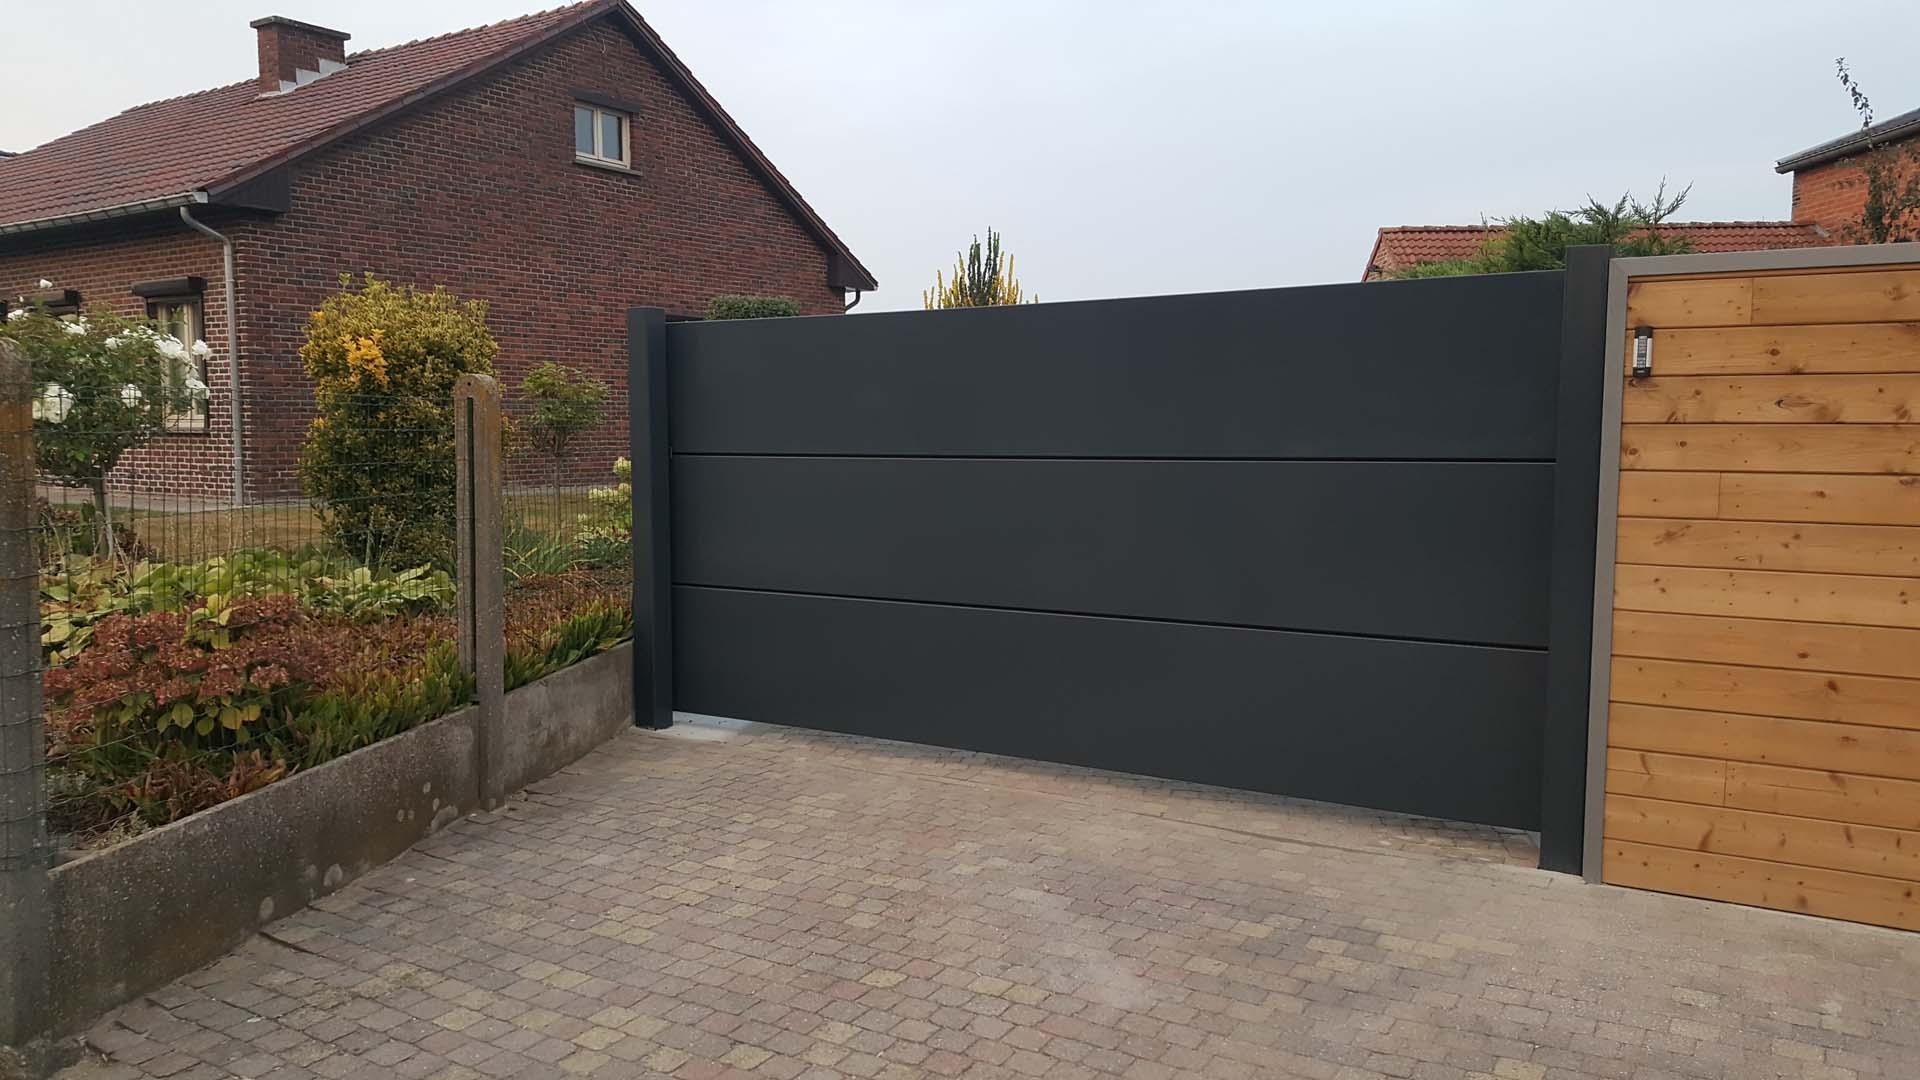 Design aluminium schuifpoort uit horizontale panelen Riemst